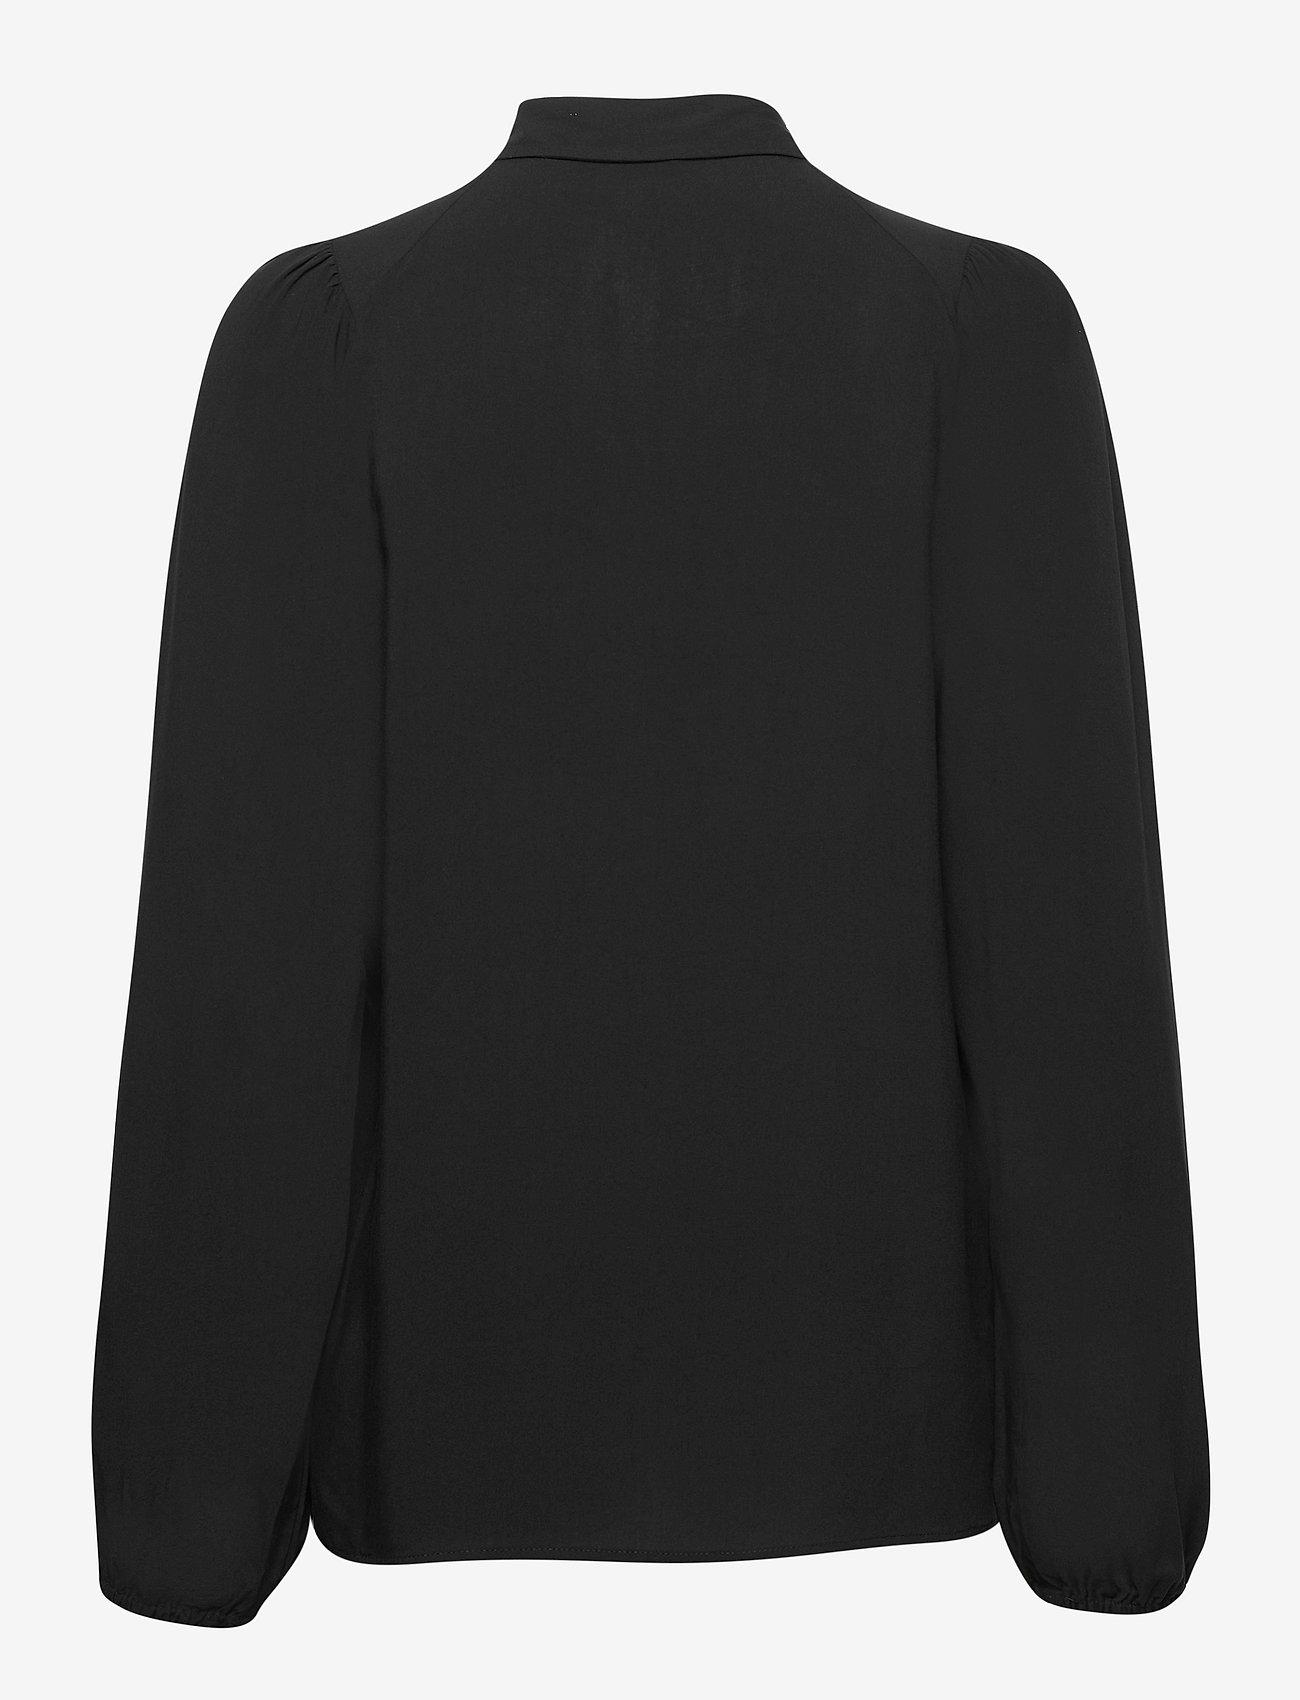 Soyaconcept - SC-RADIA - long sleeved blouses - black - 1